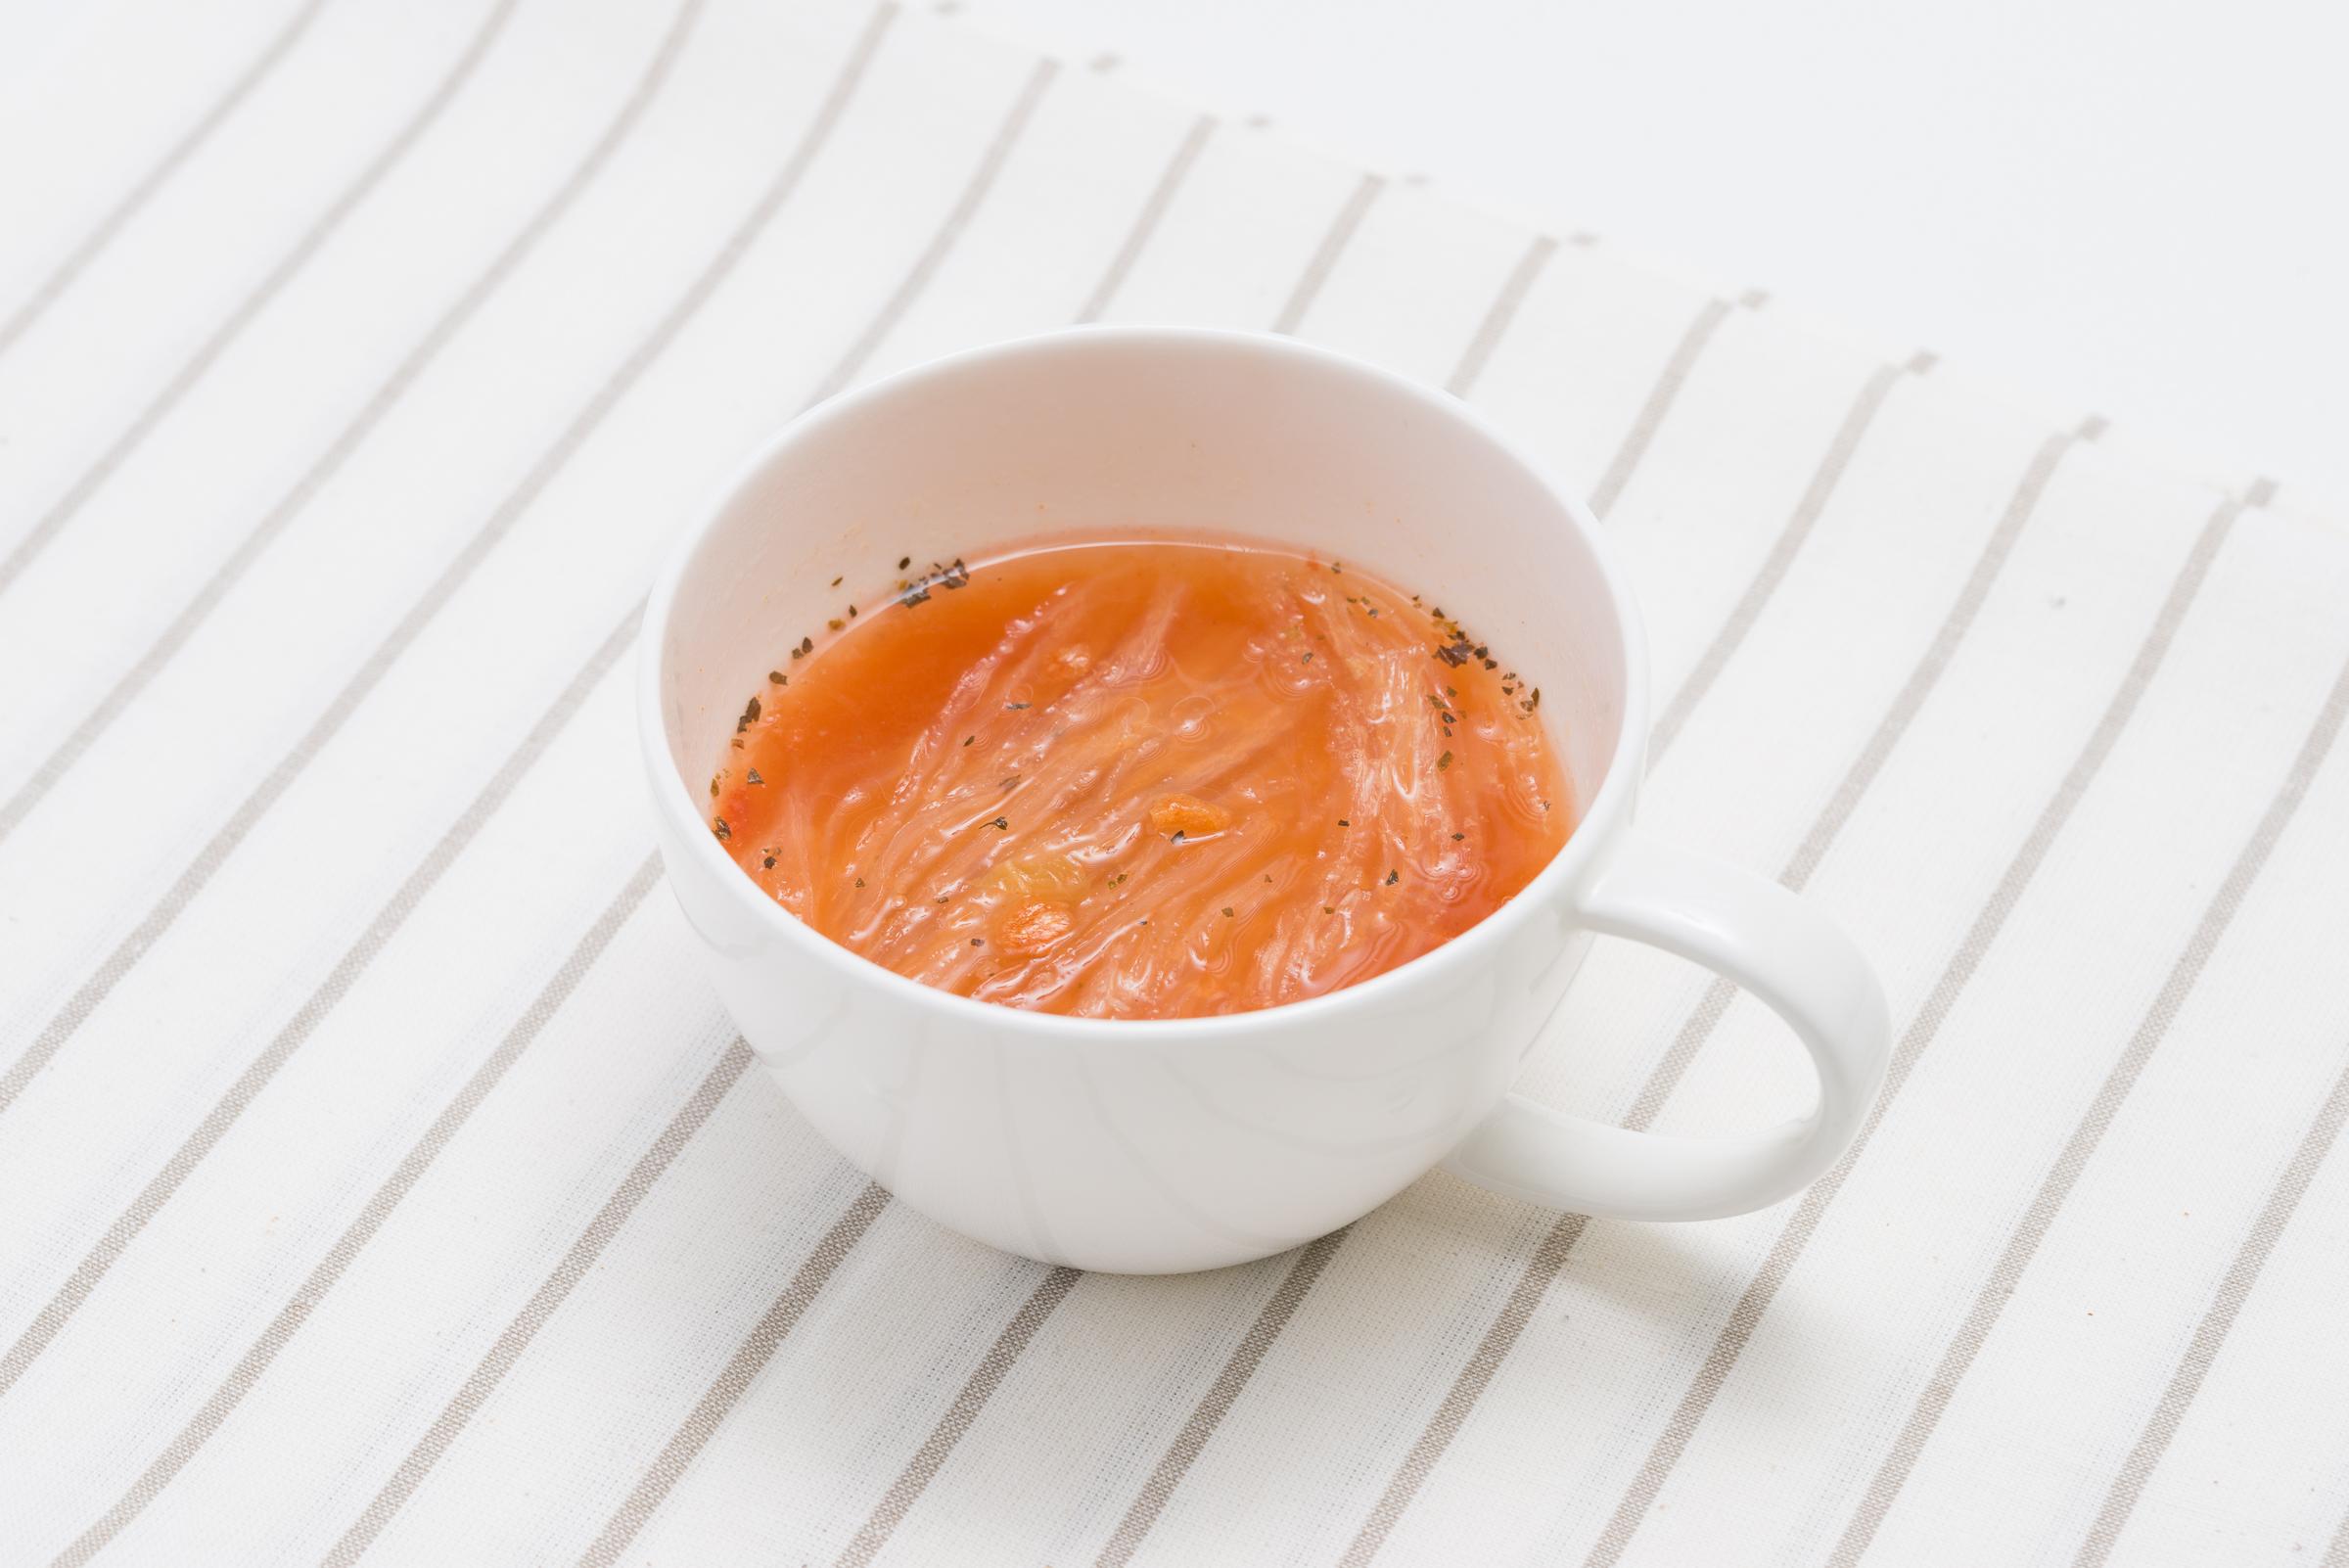 スープキャベツとトマトイメージ